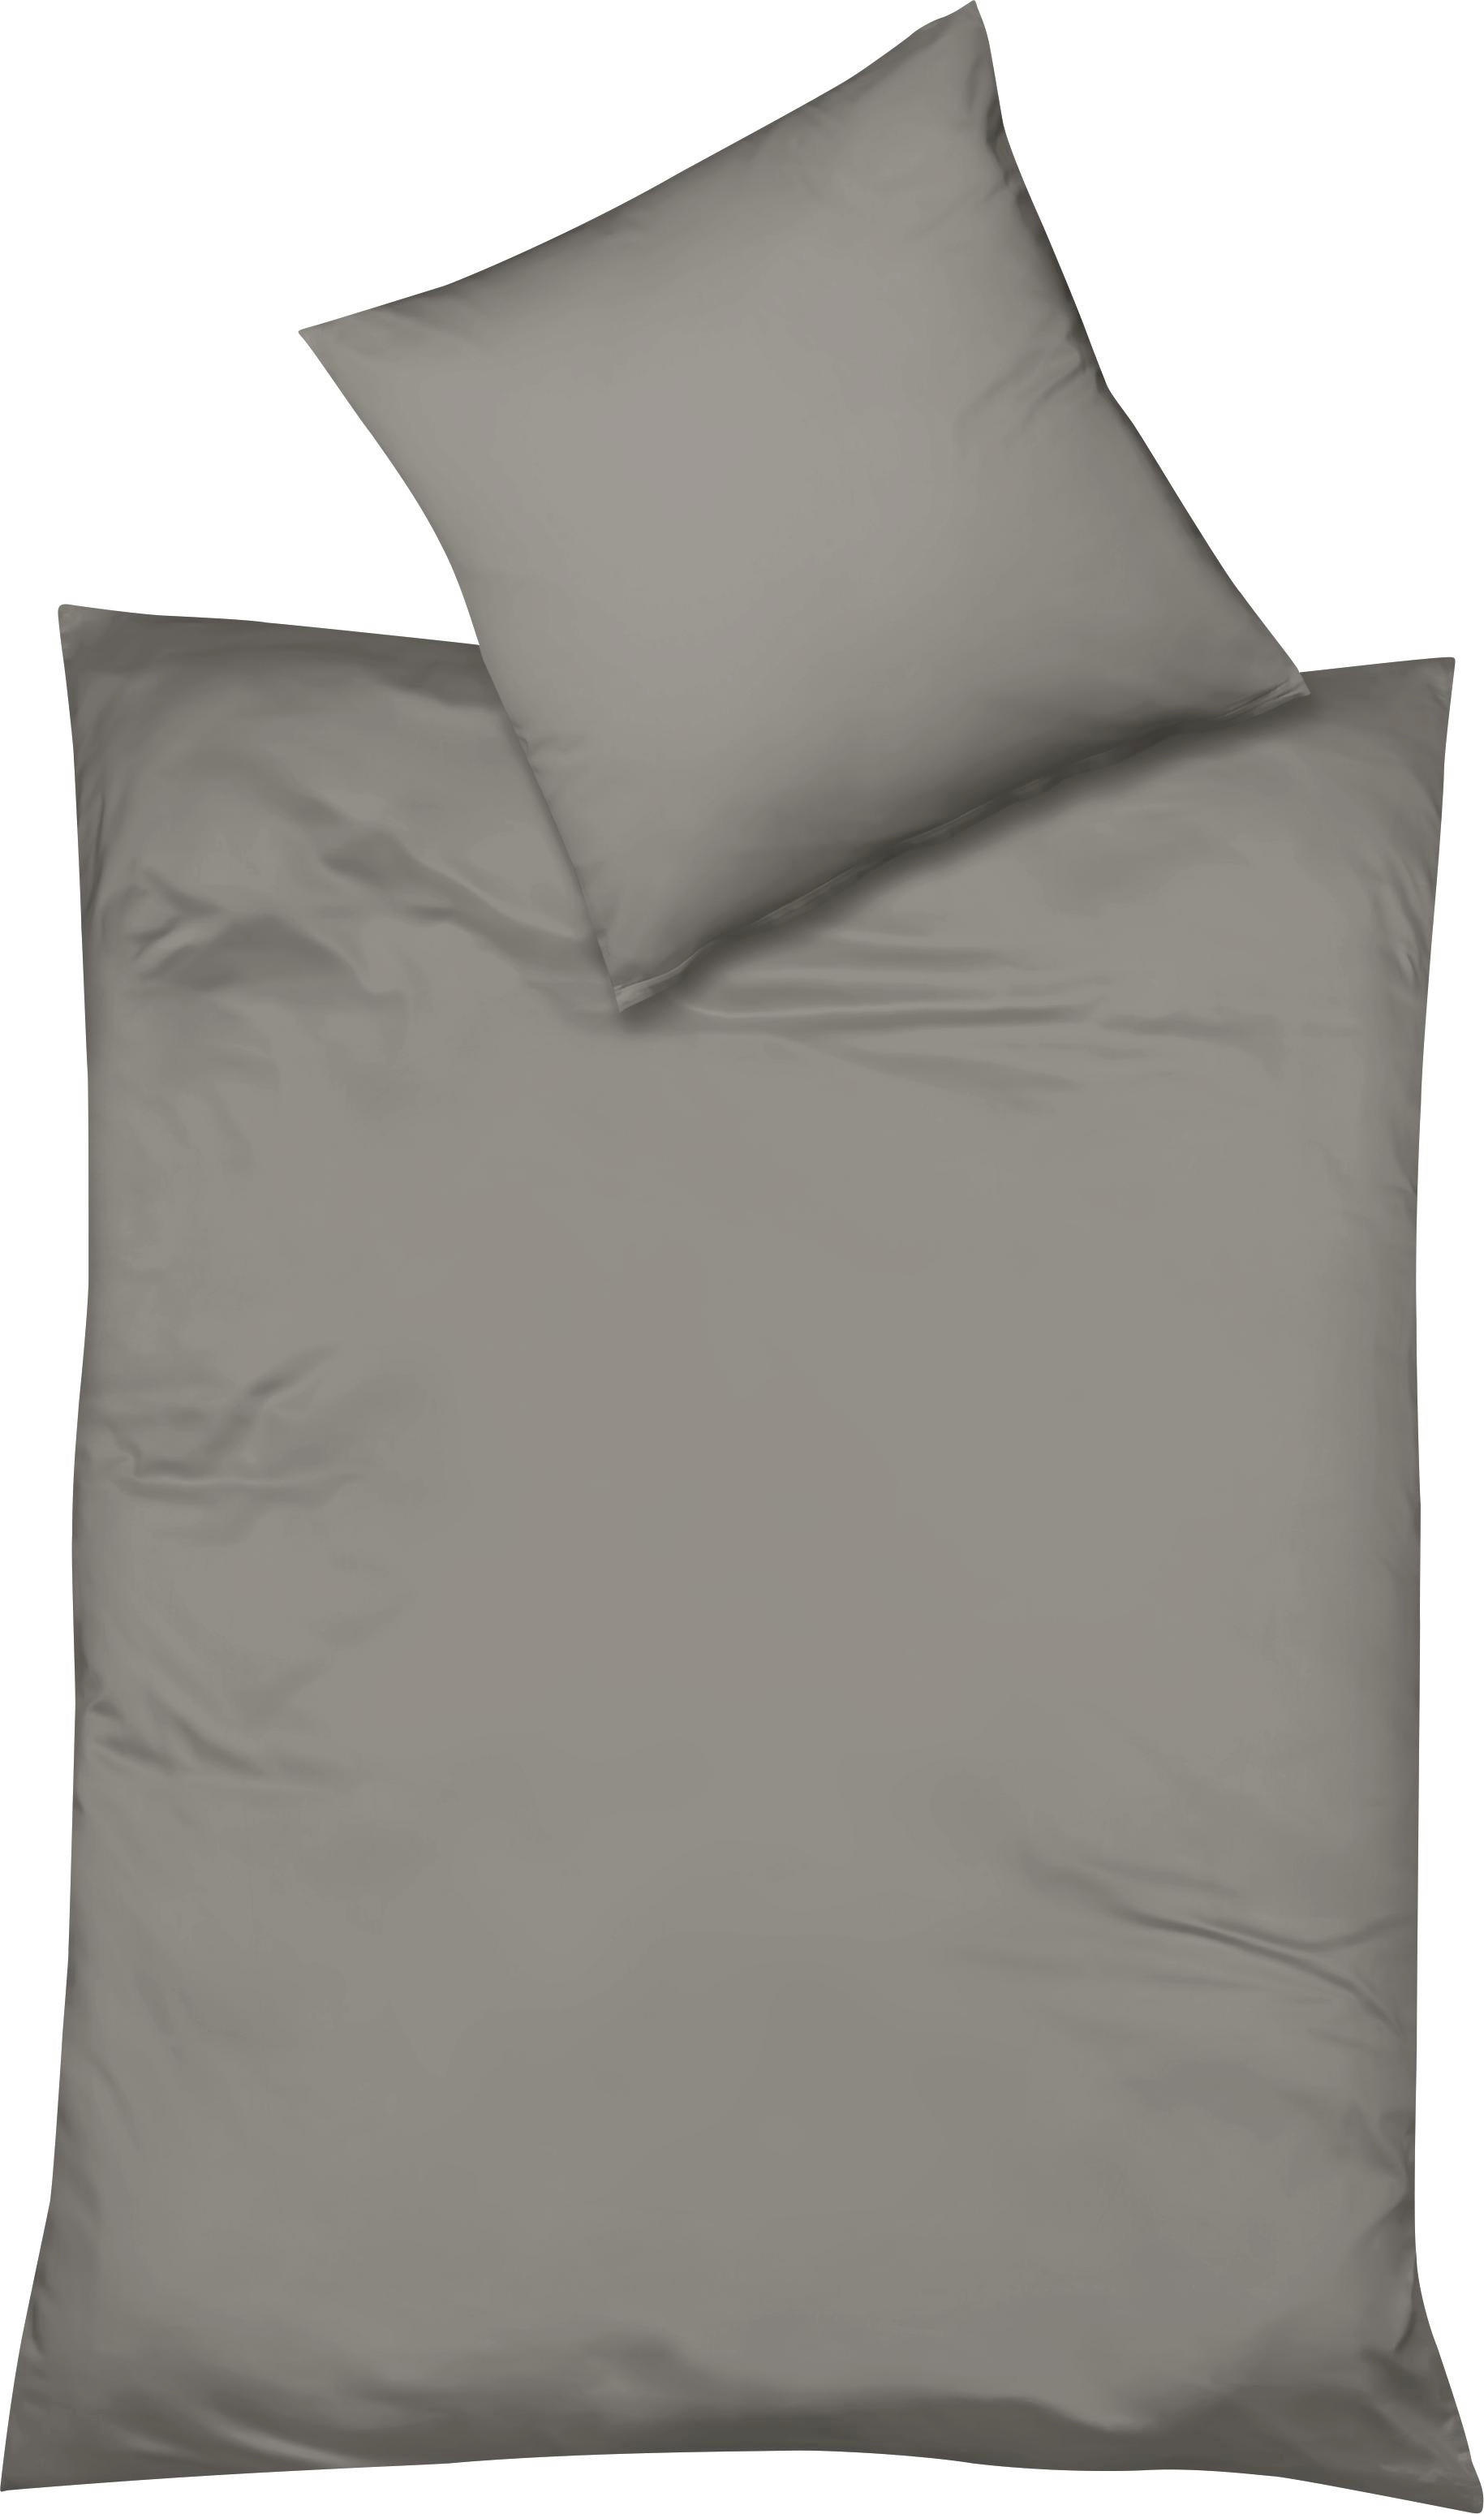 BETTWÄSCHE Makosatin Silberfarben 135/200 cm - Silberfarben, Textil (135/200cm) - FLEURESSE